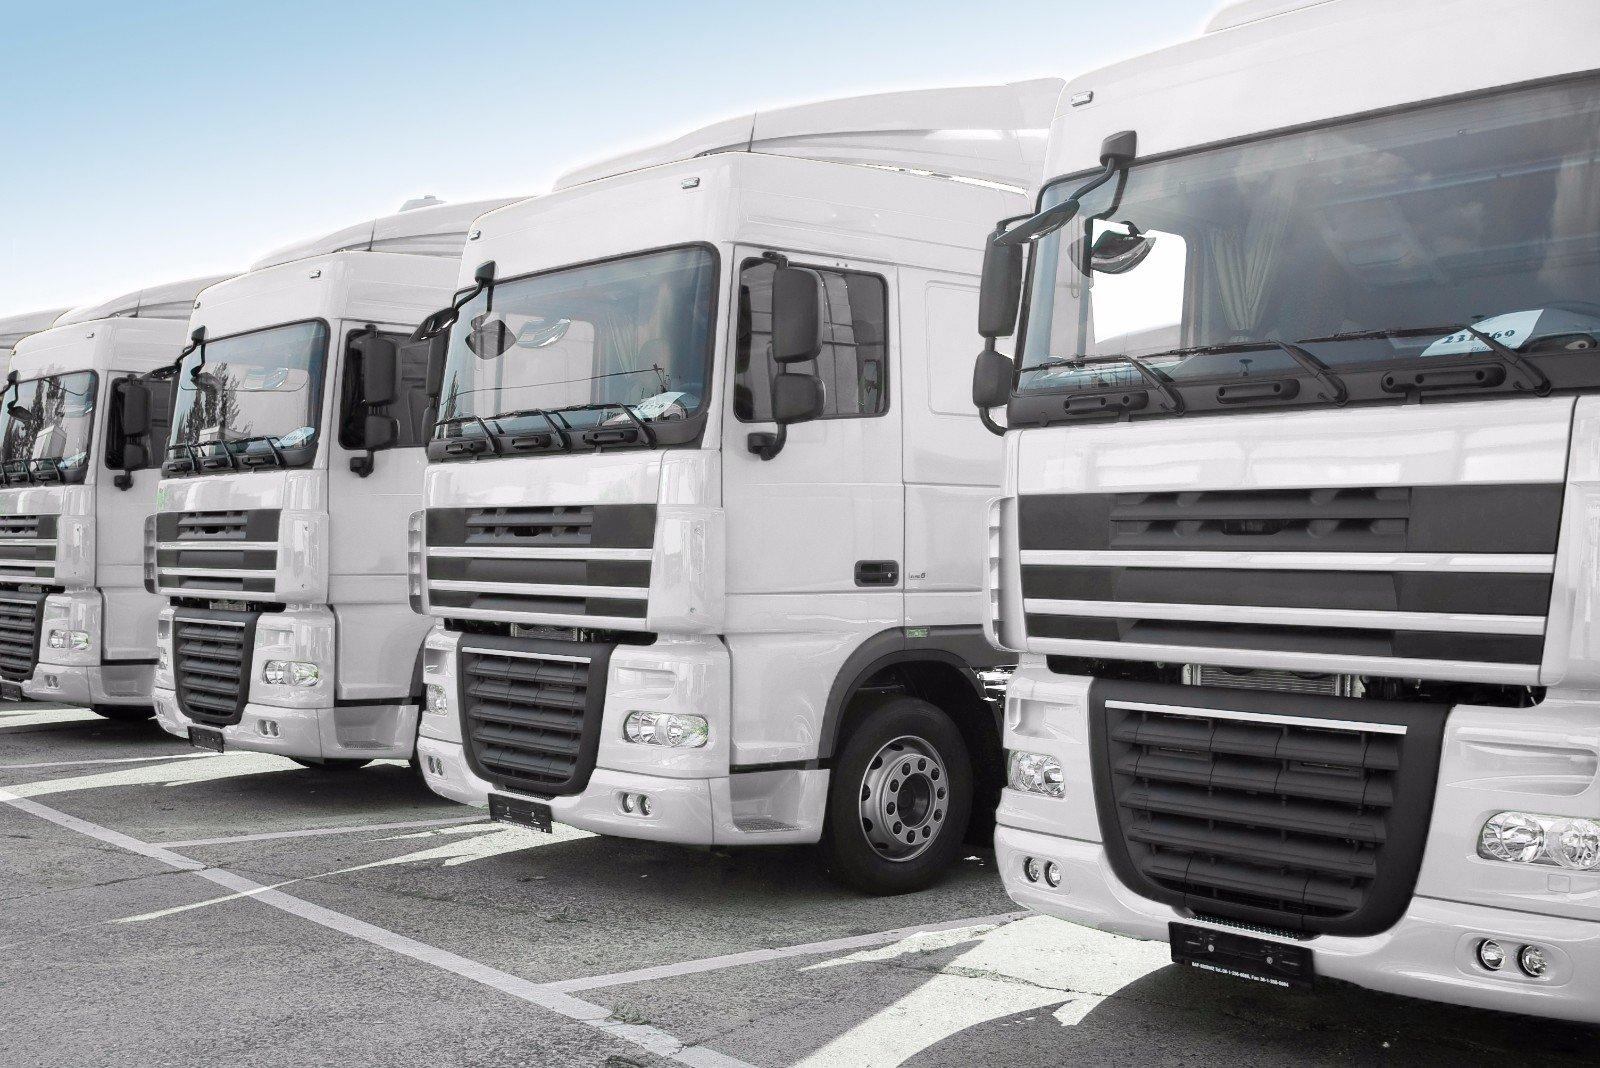 Cinque camion bianco uno accanto all'altro